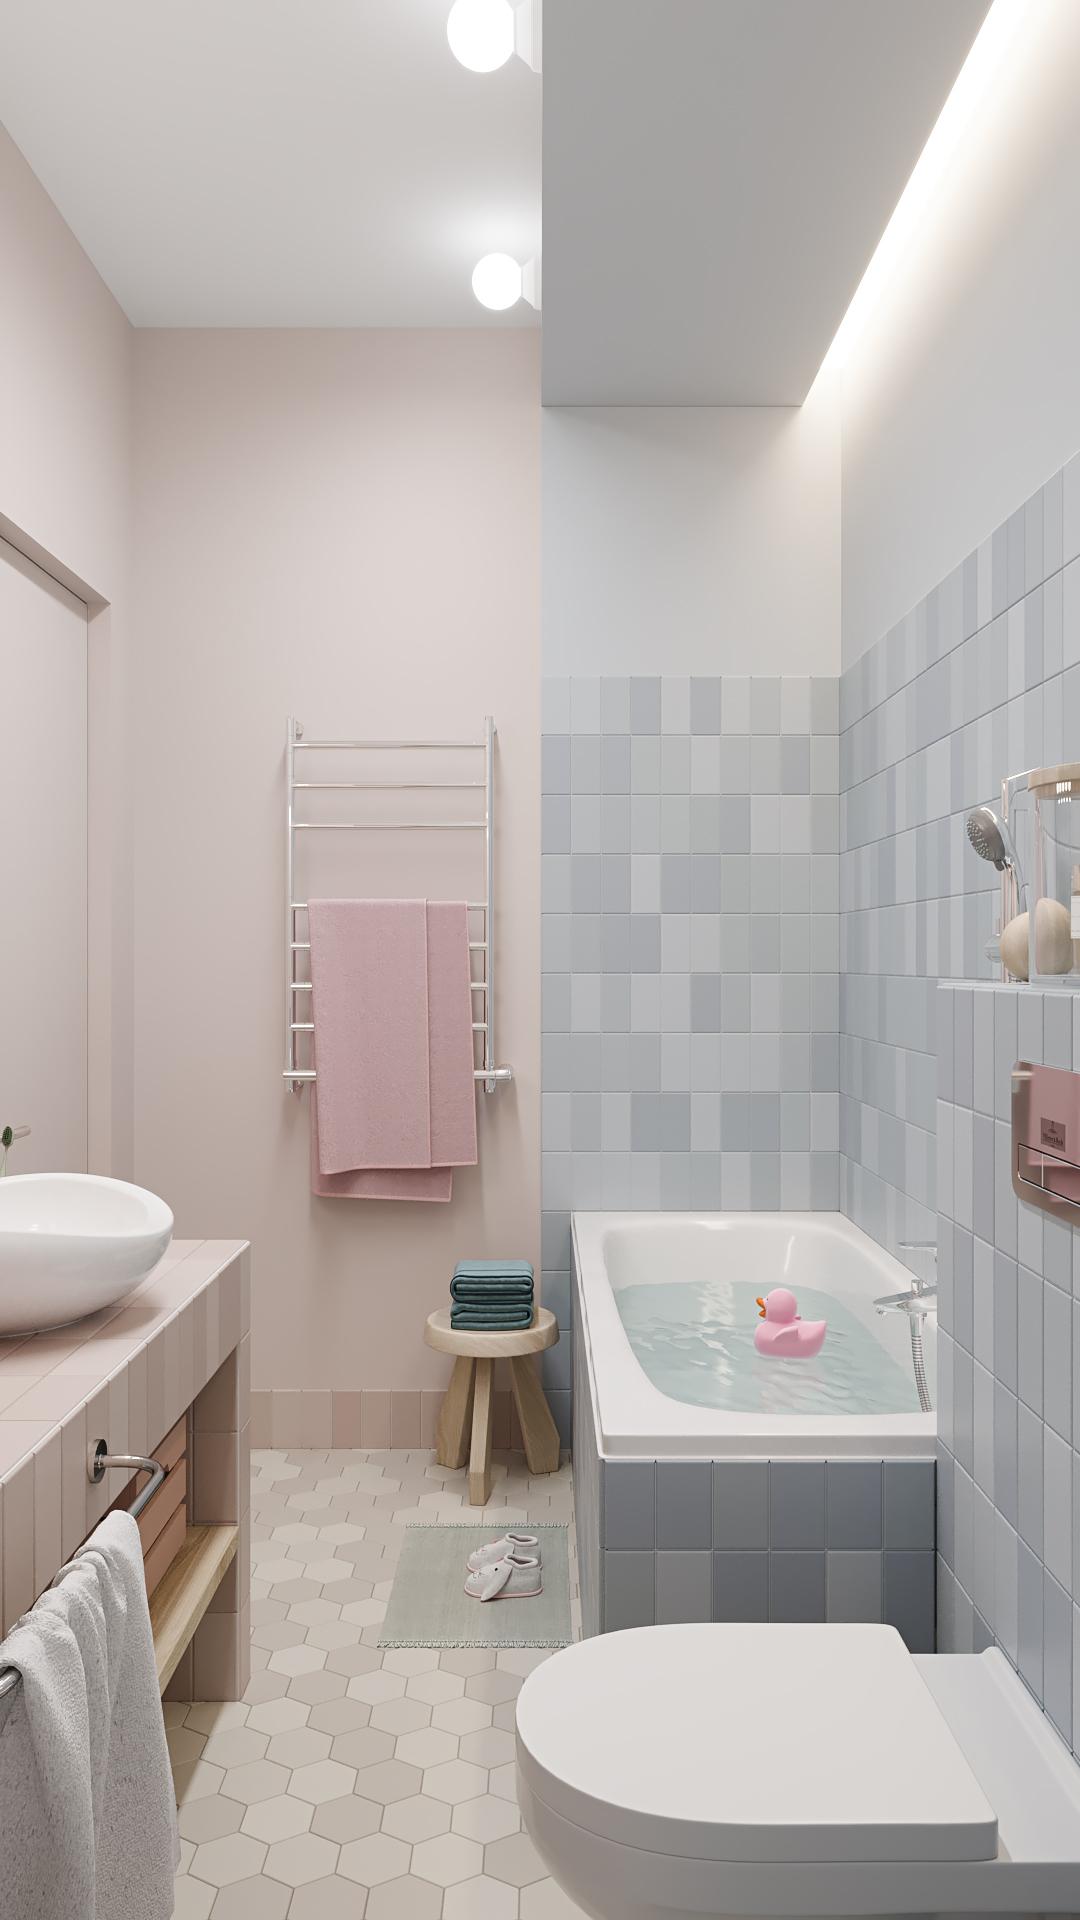 фото:Освещение в ванной комнате должно быть продумано следующим образом так, чтобы источники потолочного света не мешал отдыху лежа в ванной, но при этом, был достаточным для проведения различных банных процедур. Исходя из требований освещение, в этой небольшой детской ванной комнате, освещение устроено в виде небольших, шарообразных светильников на торце потолочного опуска. В дополнение устроена скрытая светодиодная подсветка